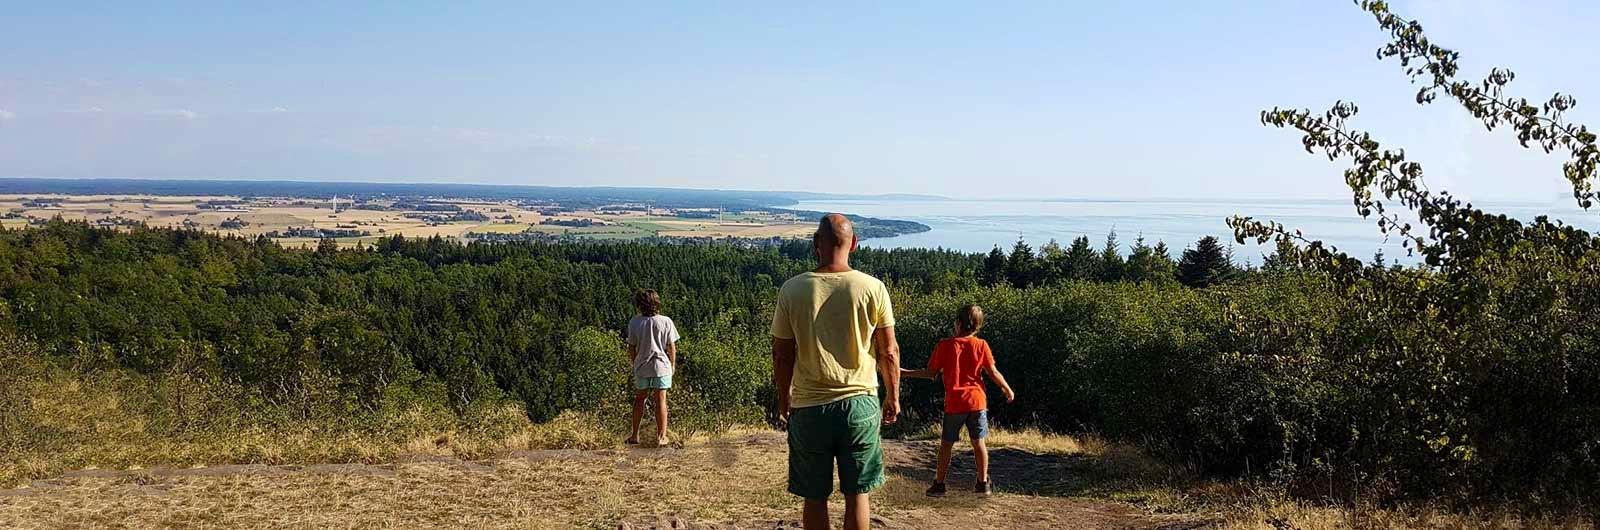 Familj njuter av utsikt vid Vättern och Signaturled Omberg